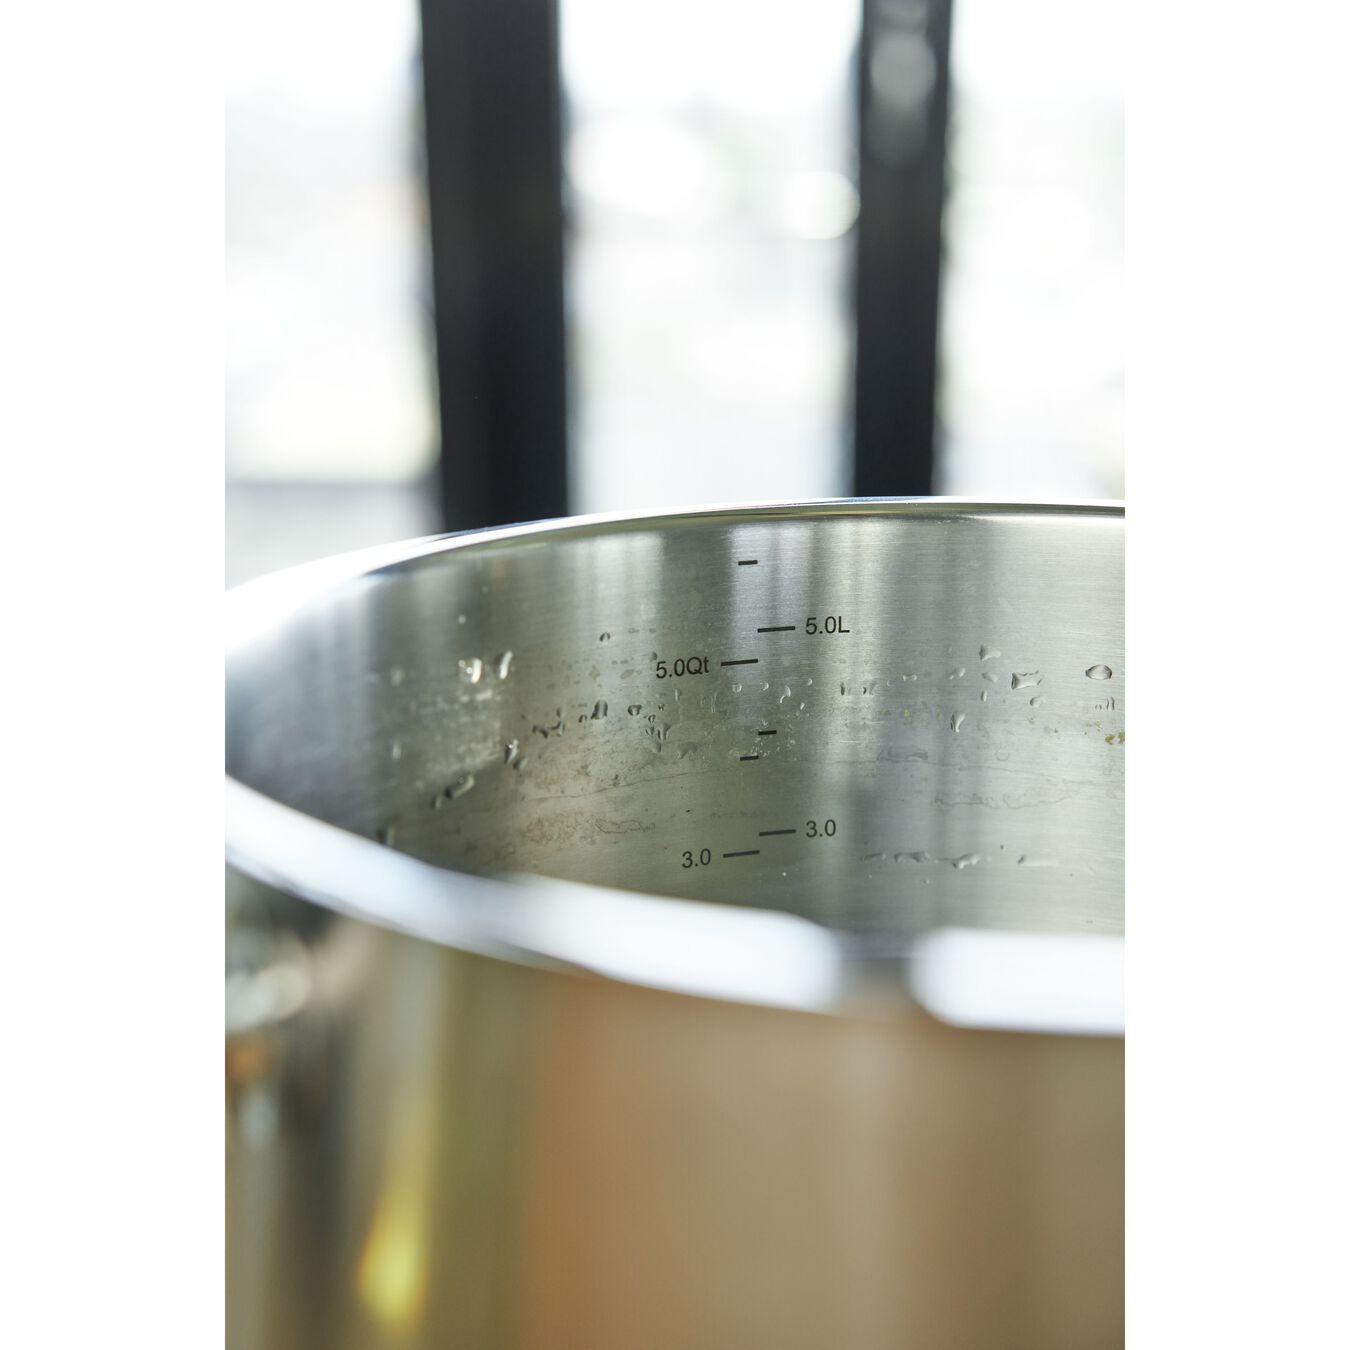 Pentola - 16 cm, 18/10 Acciaio inossidabile,,large 9